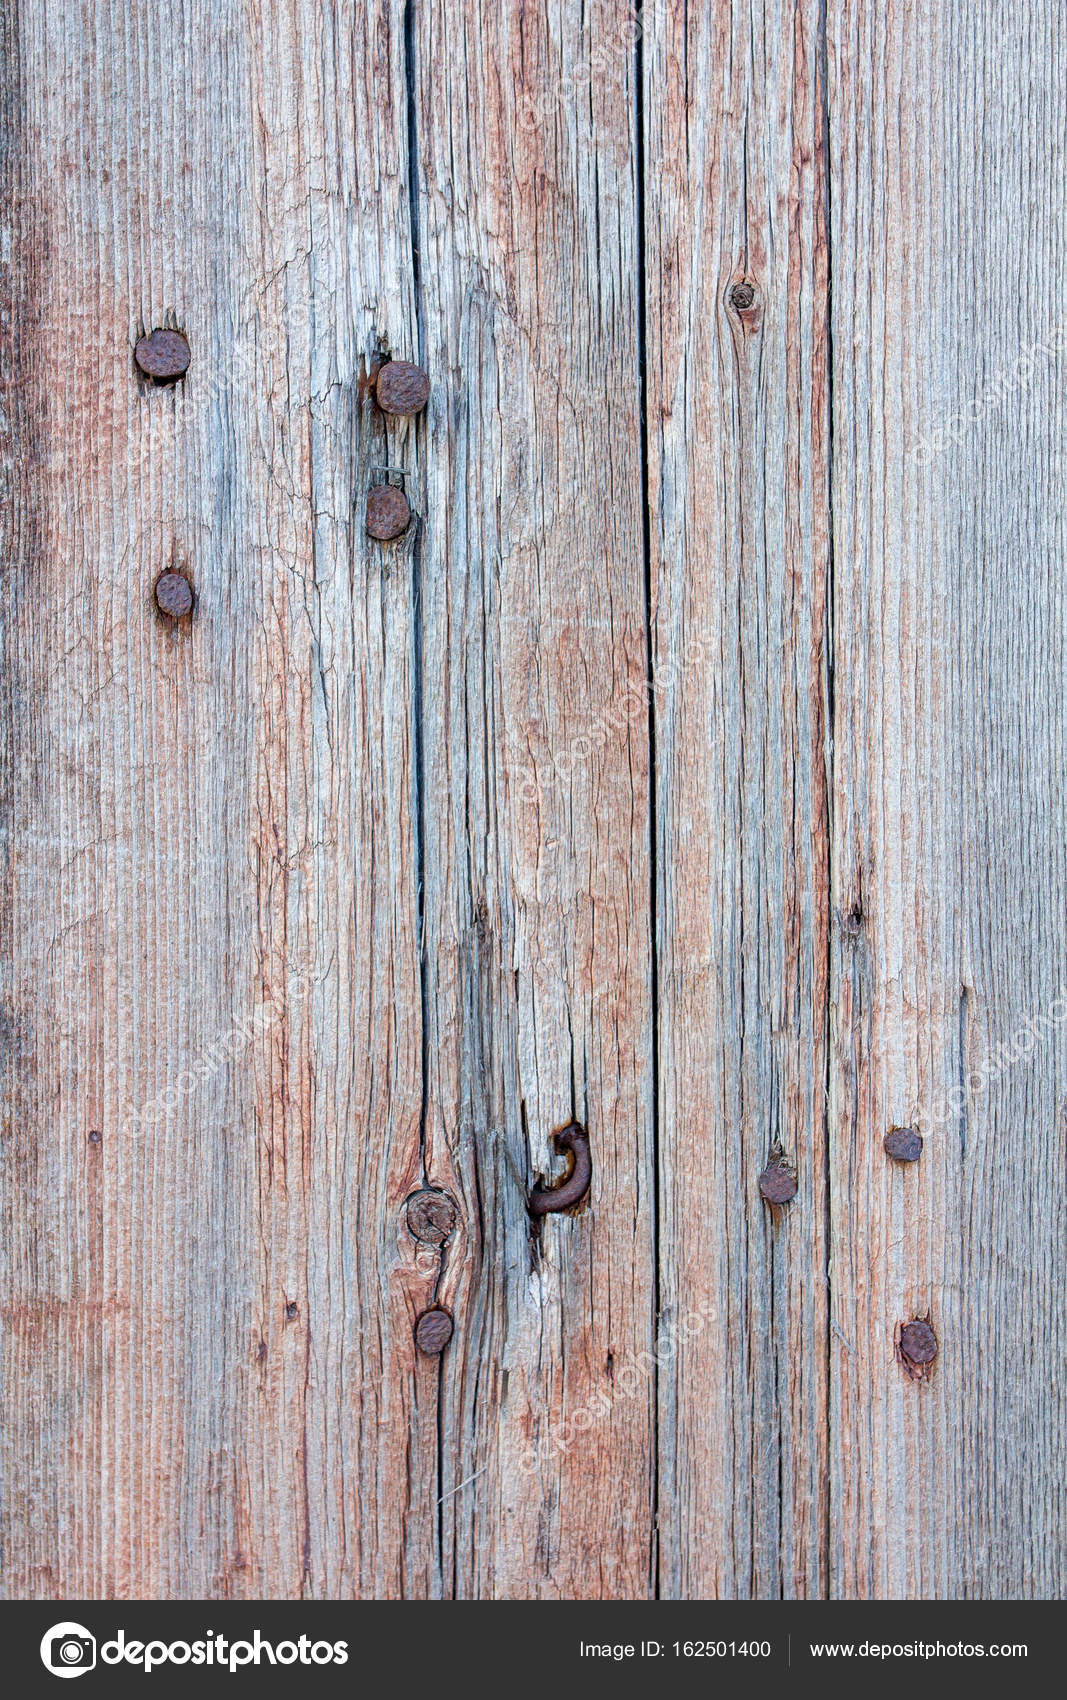 textur der alten holz mit notleidenden farbe in verschiedenen farben